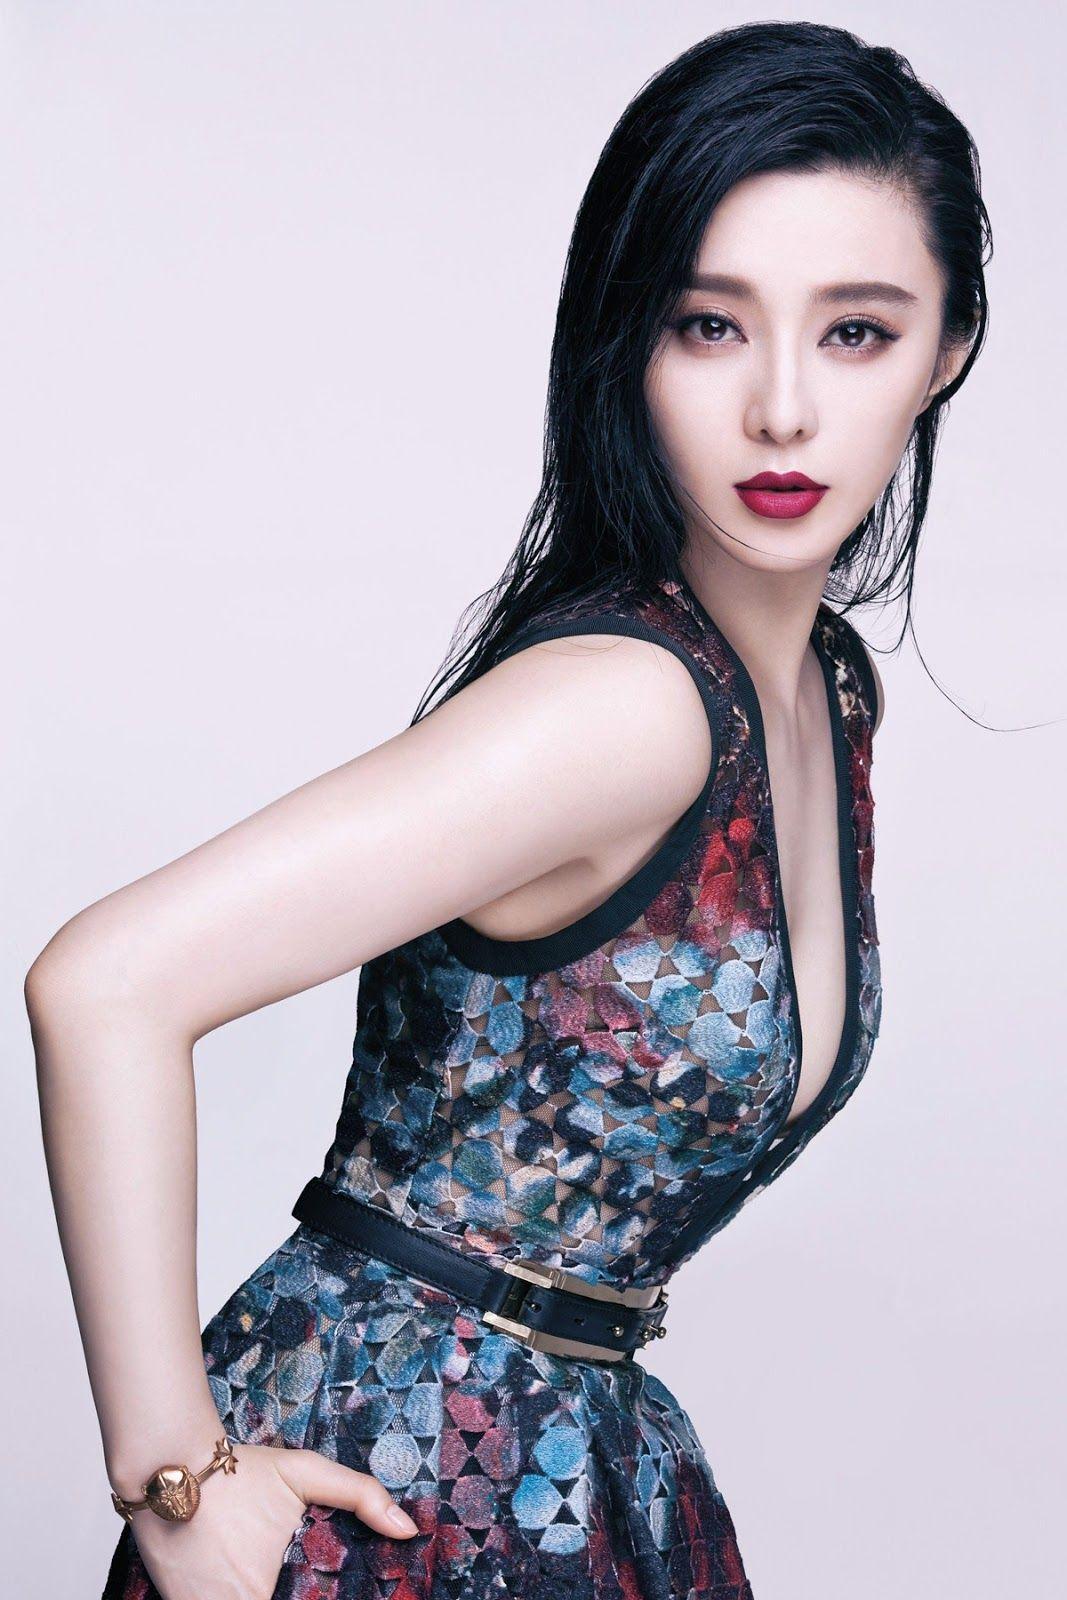 Bingbing hot li 41 Sexiest